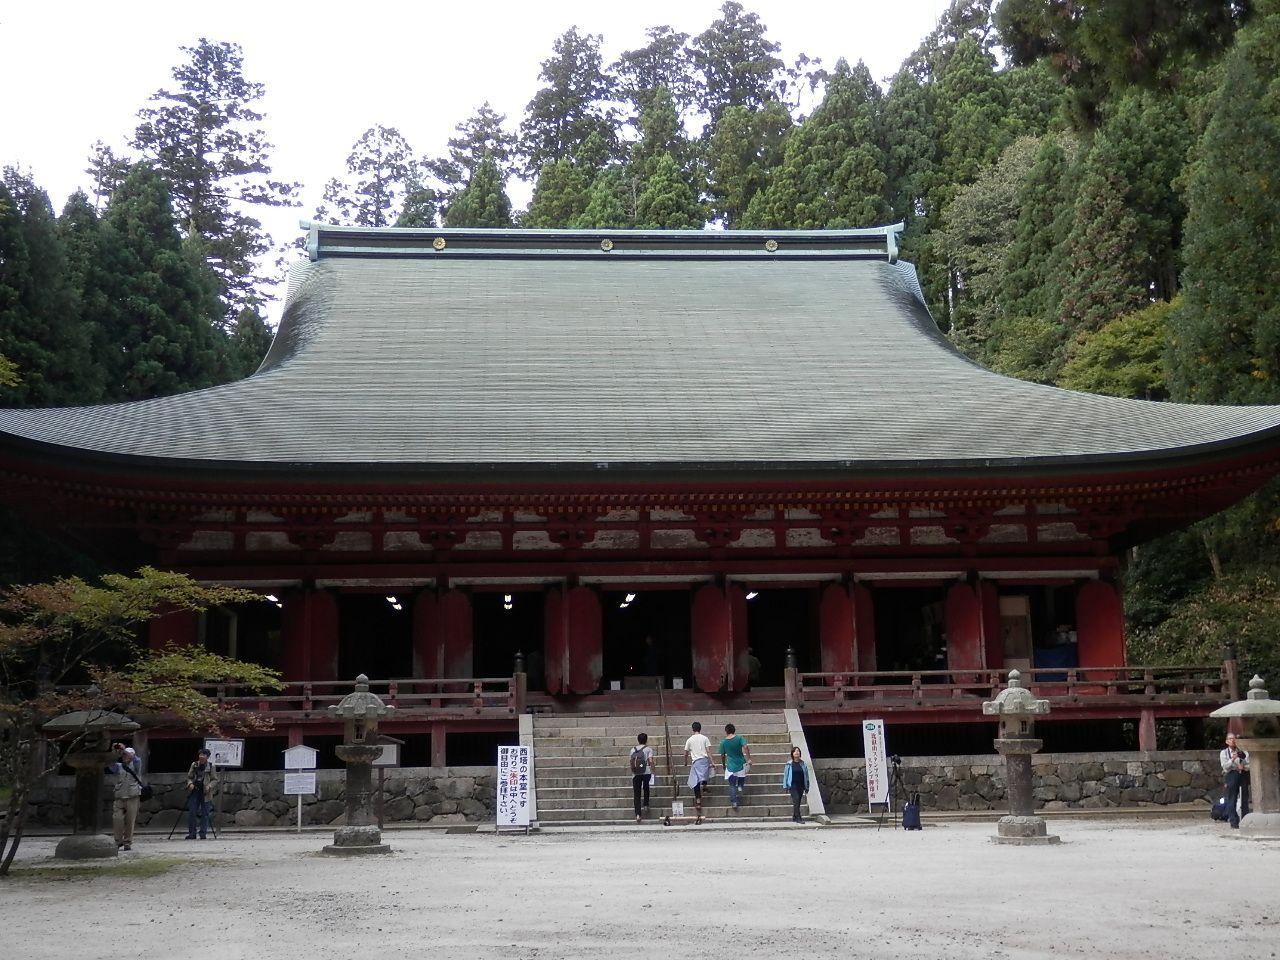 西塔エリア・比叡山で最も古い建造物「釈迦堂」